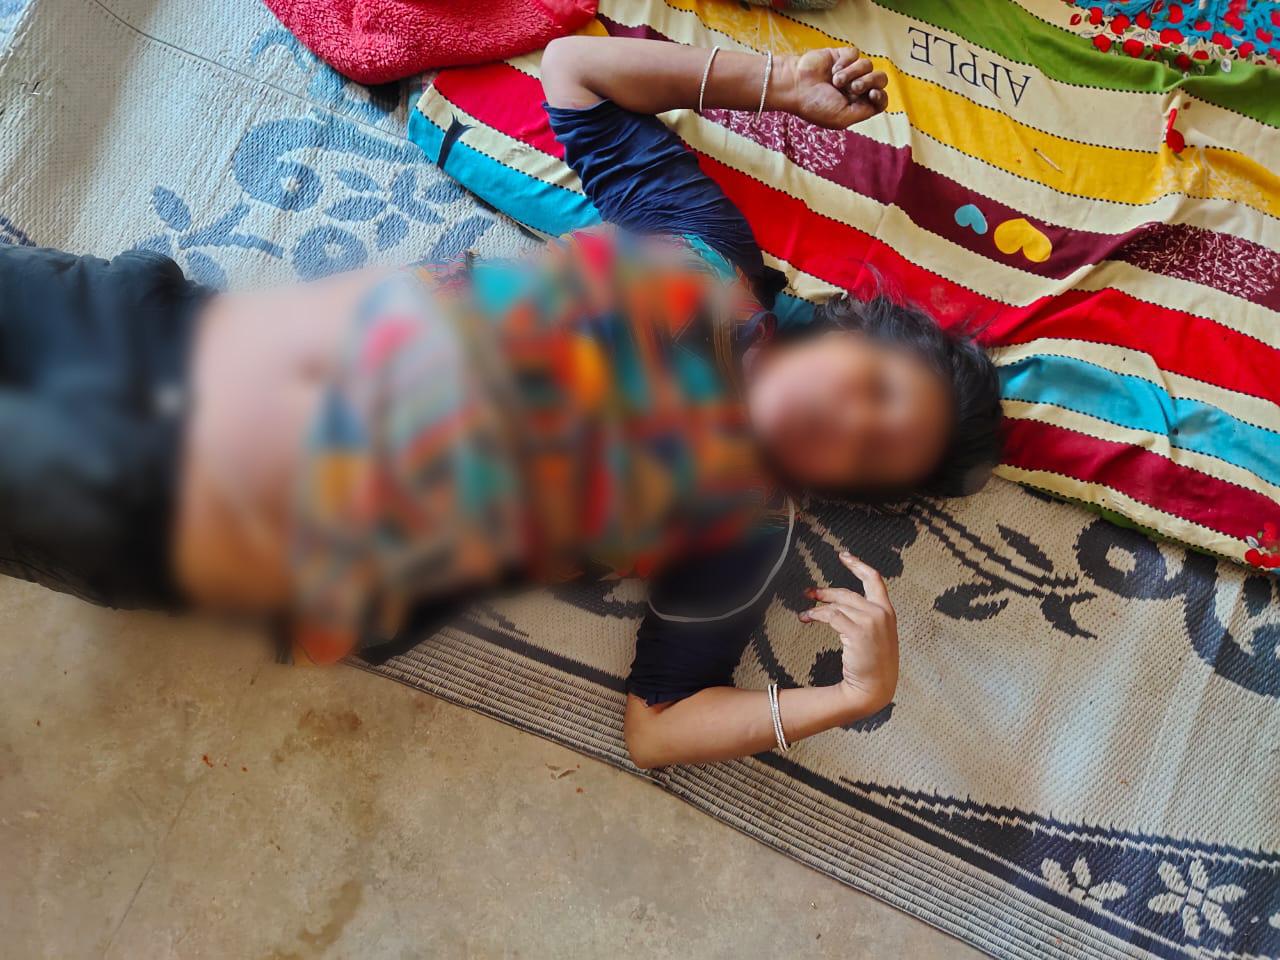 रात में घर पर साथ बैठकर शराब पी; झगड़ा होने पर प्रेमी ने गला घोंटकर मार दिया; दो साल से साथ रह रहे थे|भोपाल,Bhopal - Dainik Bhaskar